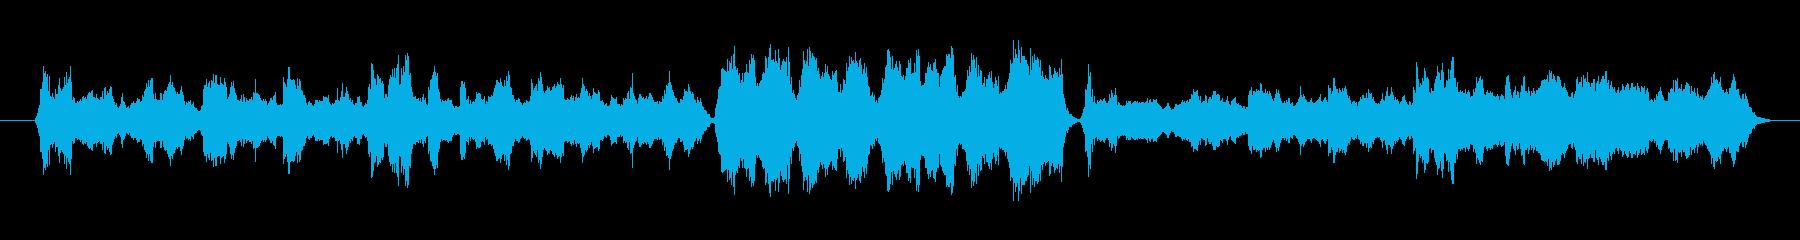 中国の片田舎で流れていそうなゆったり曲の再生済みの波形